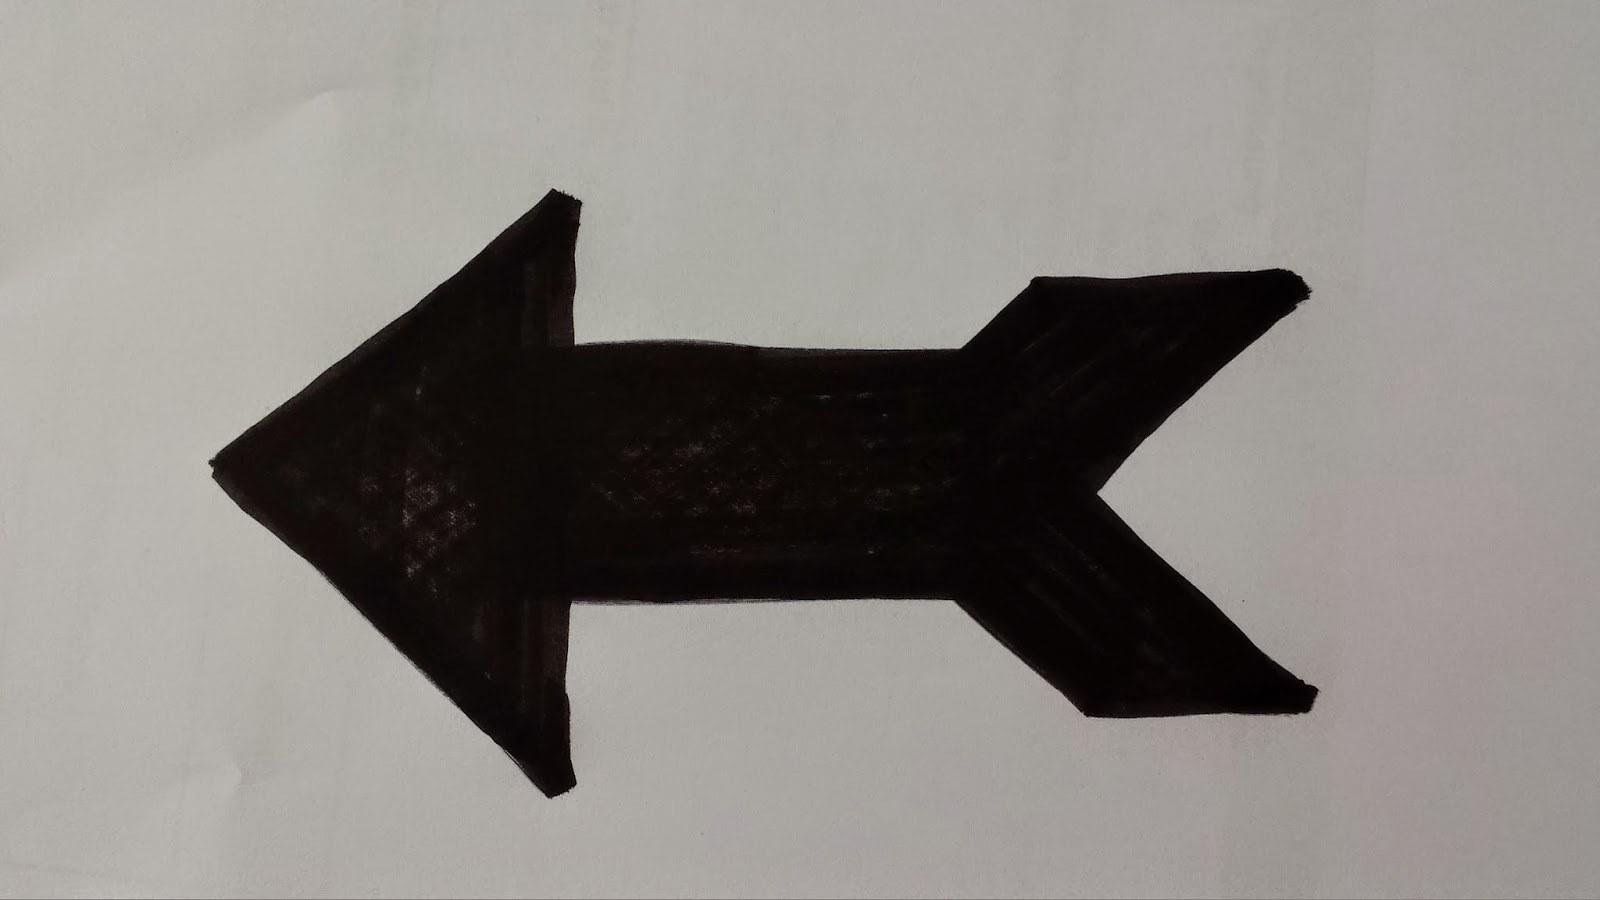 Foto einer mit schwarzem Filzstift gezeichneten Form eines Pfeils auf einem weissen Blatt Papier